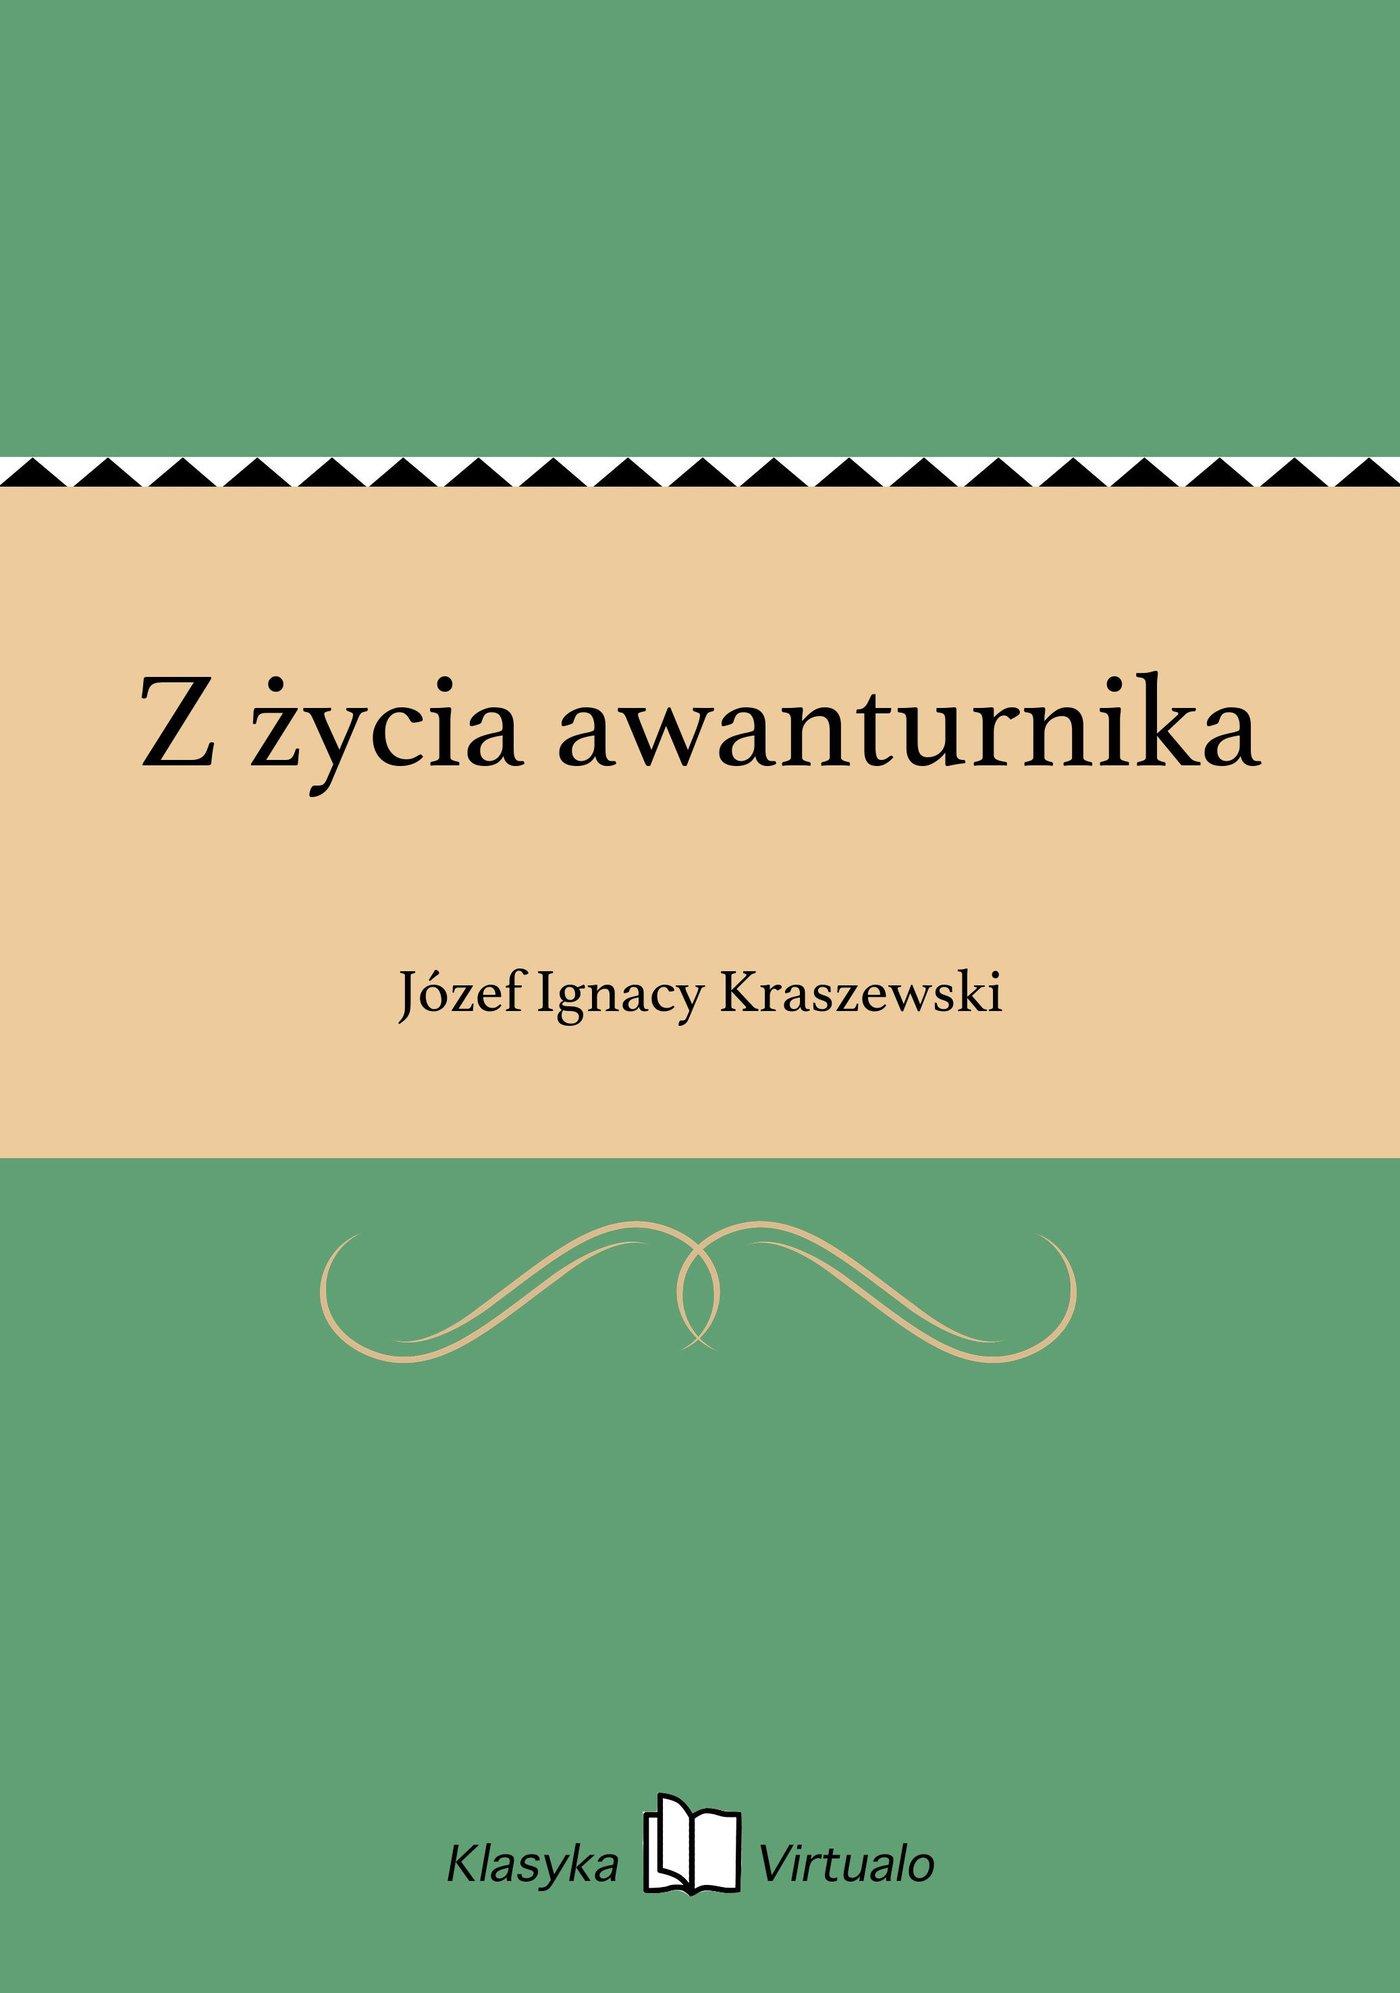 Z życia awanturnika - Ebook (Książka EPUB) do pobrania w formacie EPUB